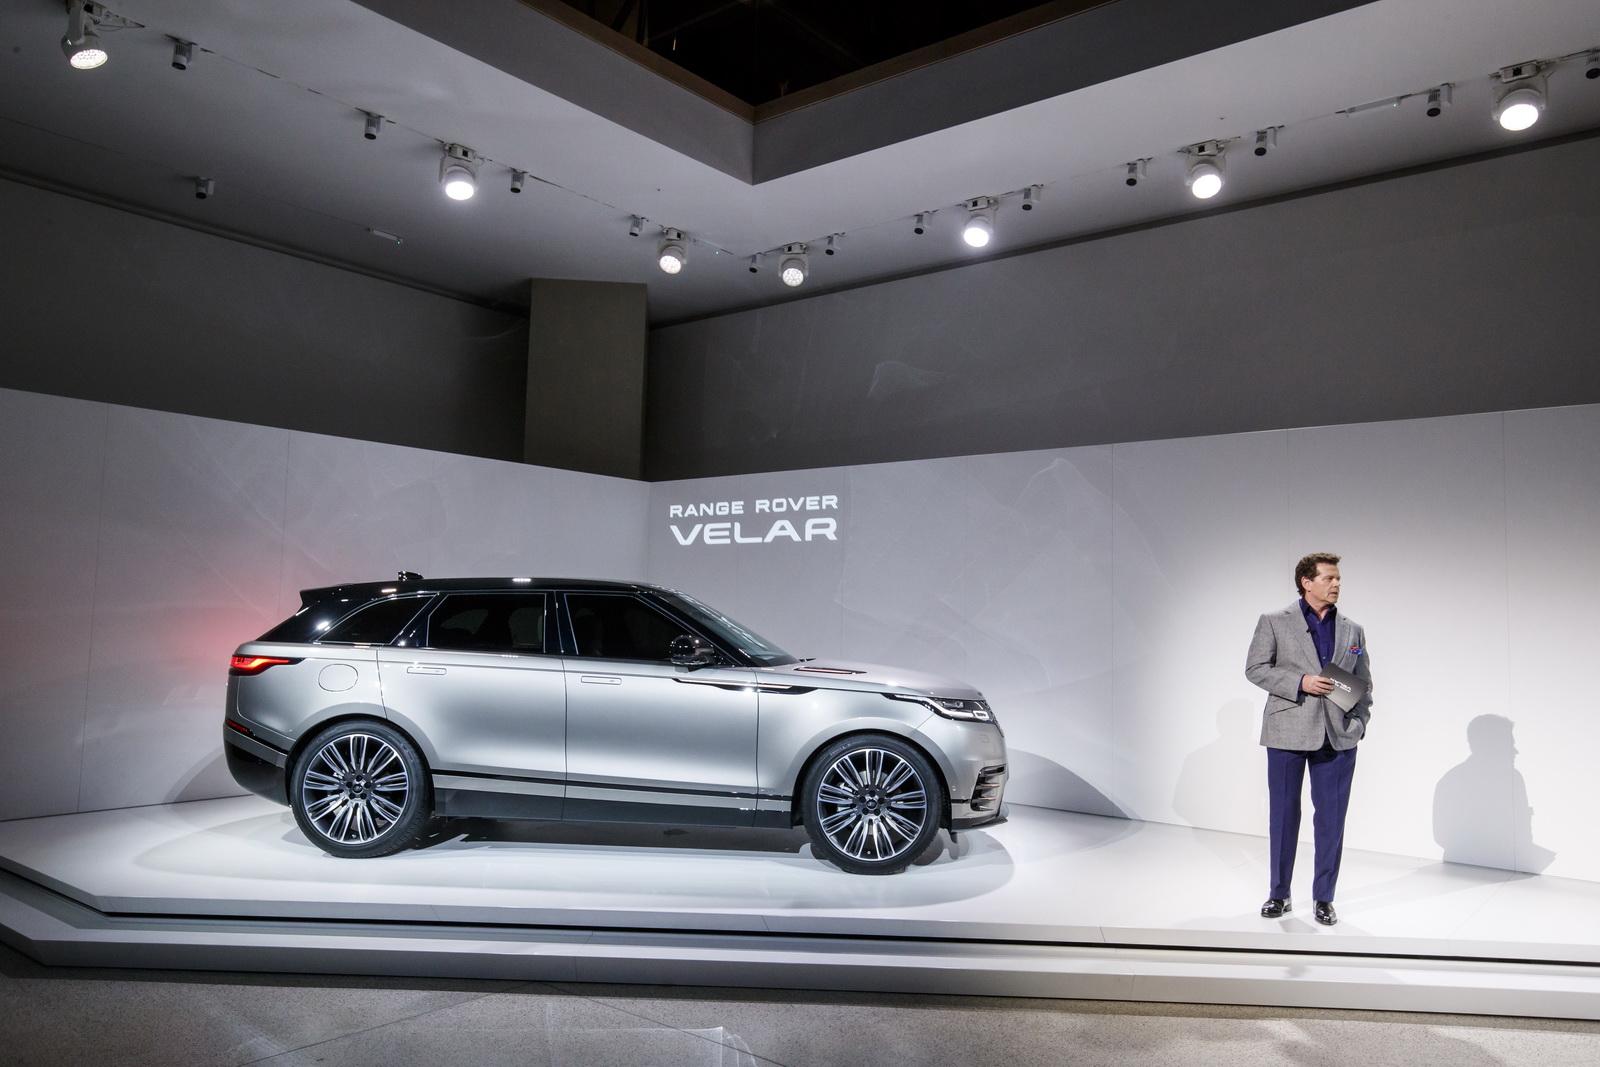 Range Rover Velar in Geneva 2017 (37)